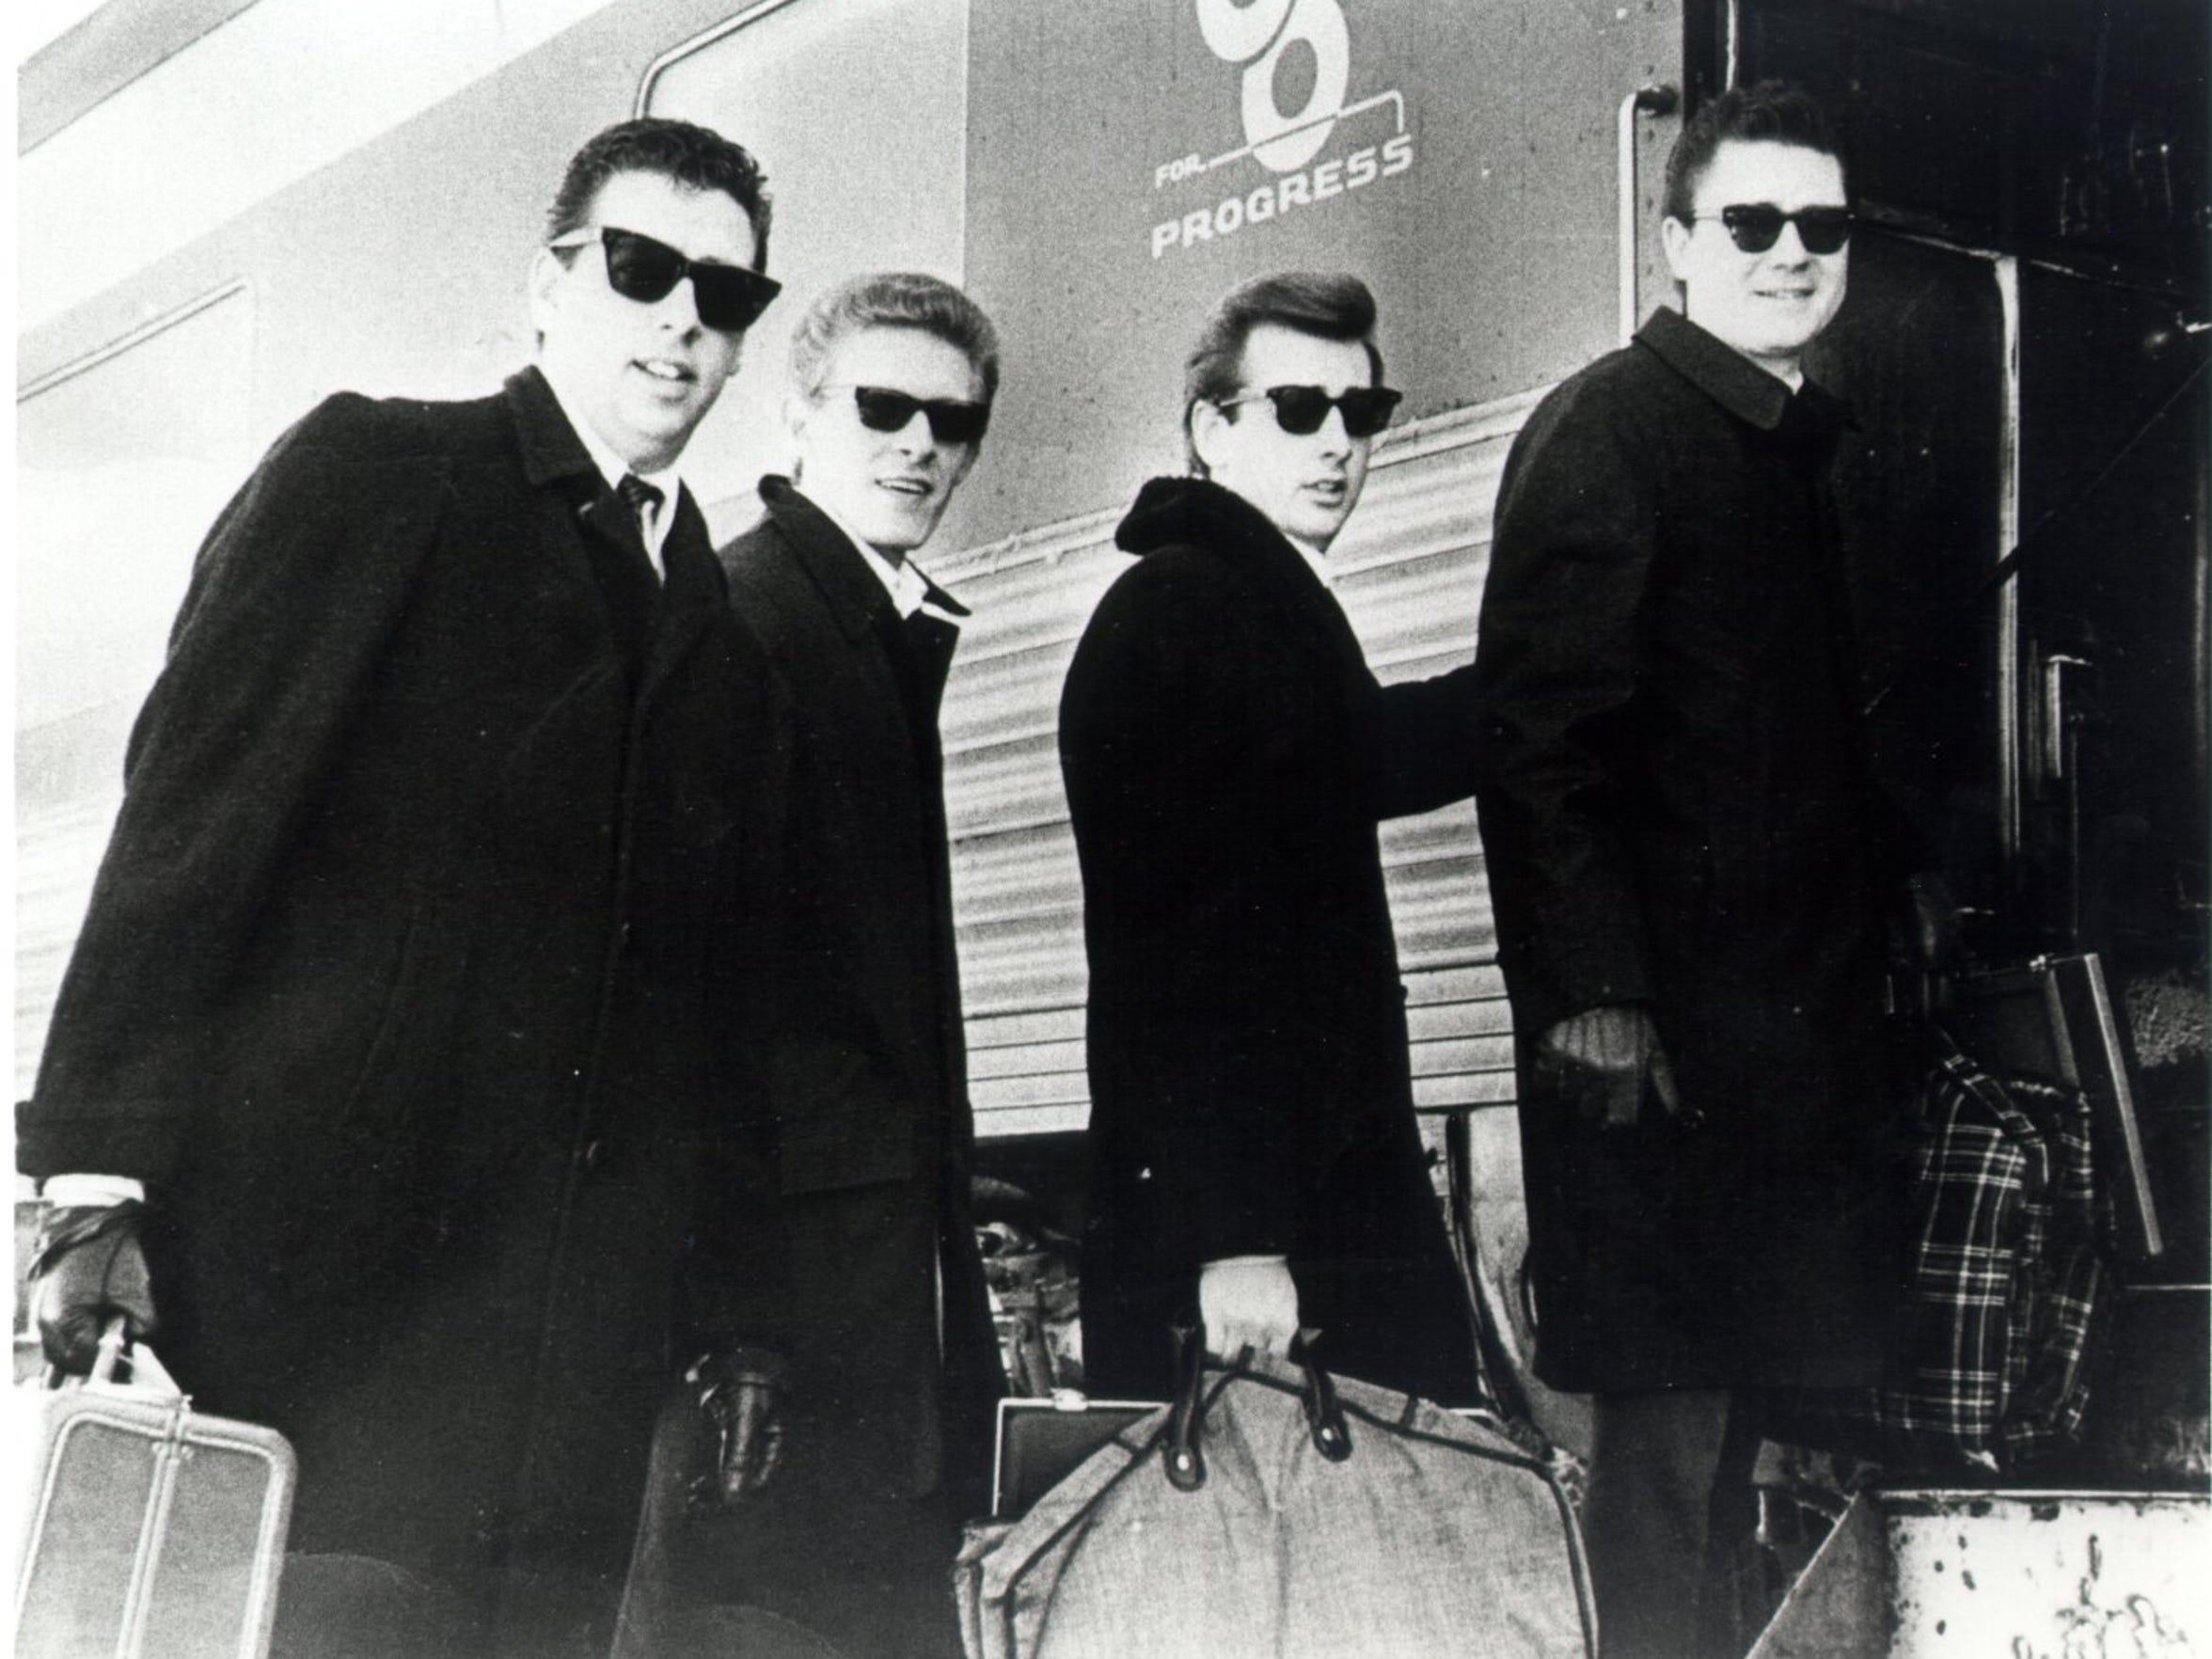 Harold, Phil, Don and Lew board a train in Staunton